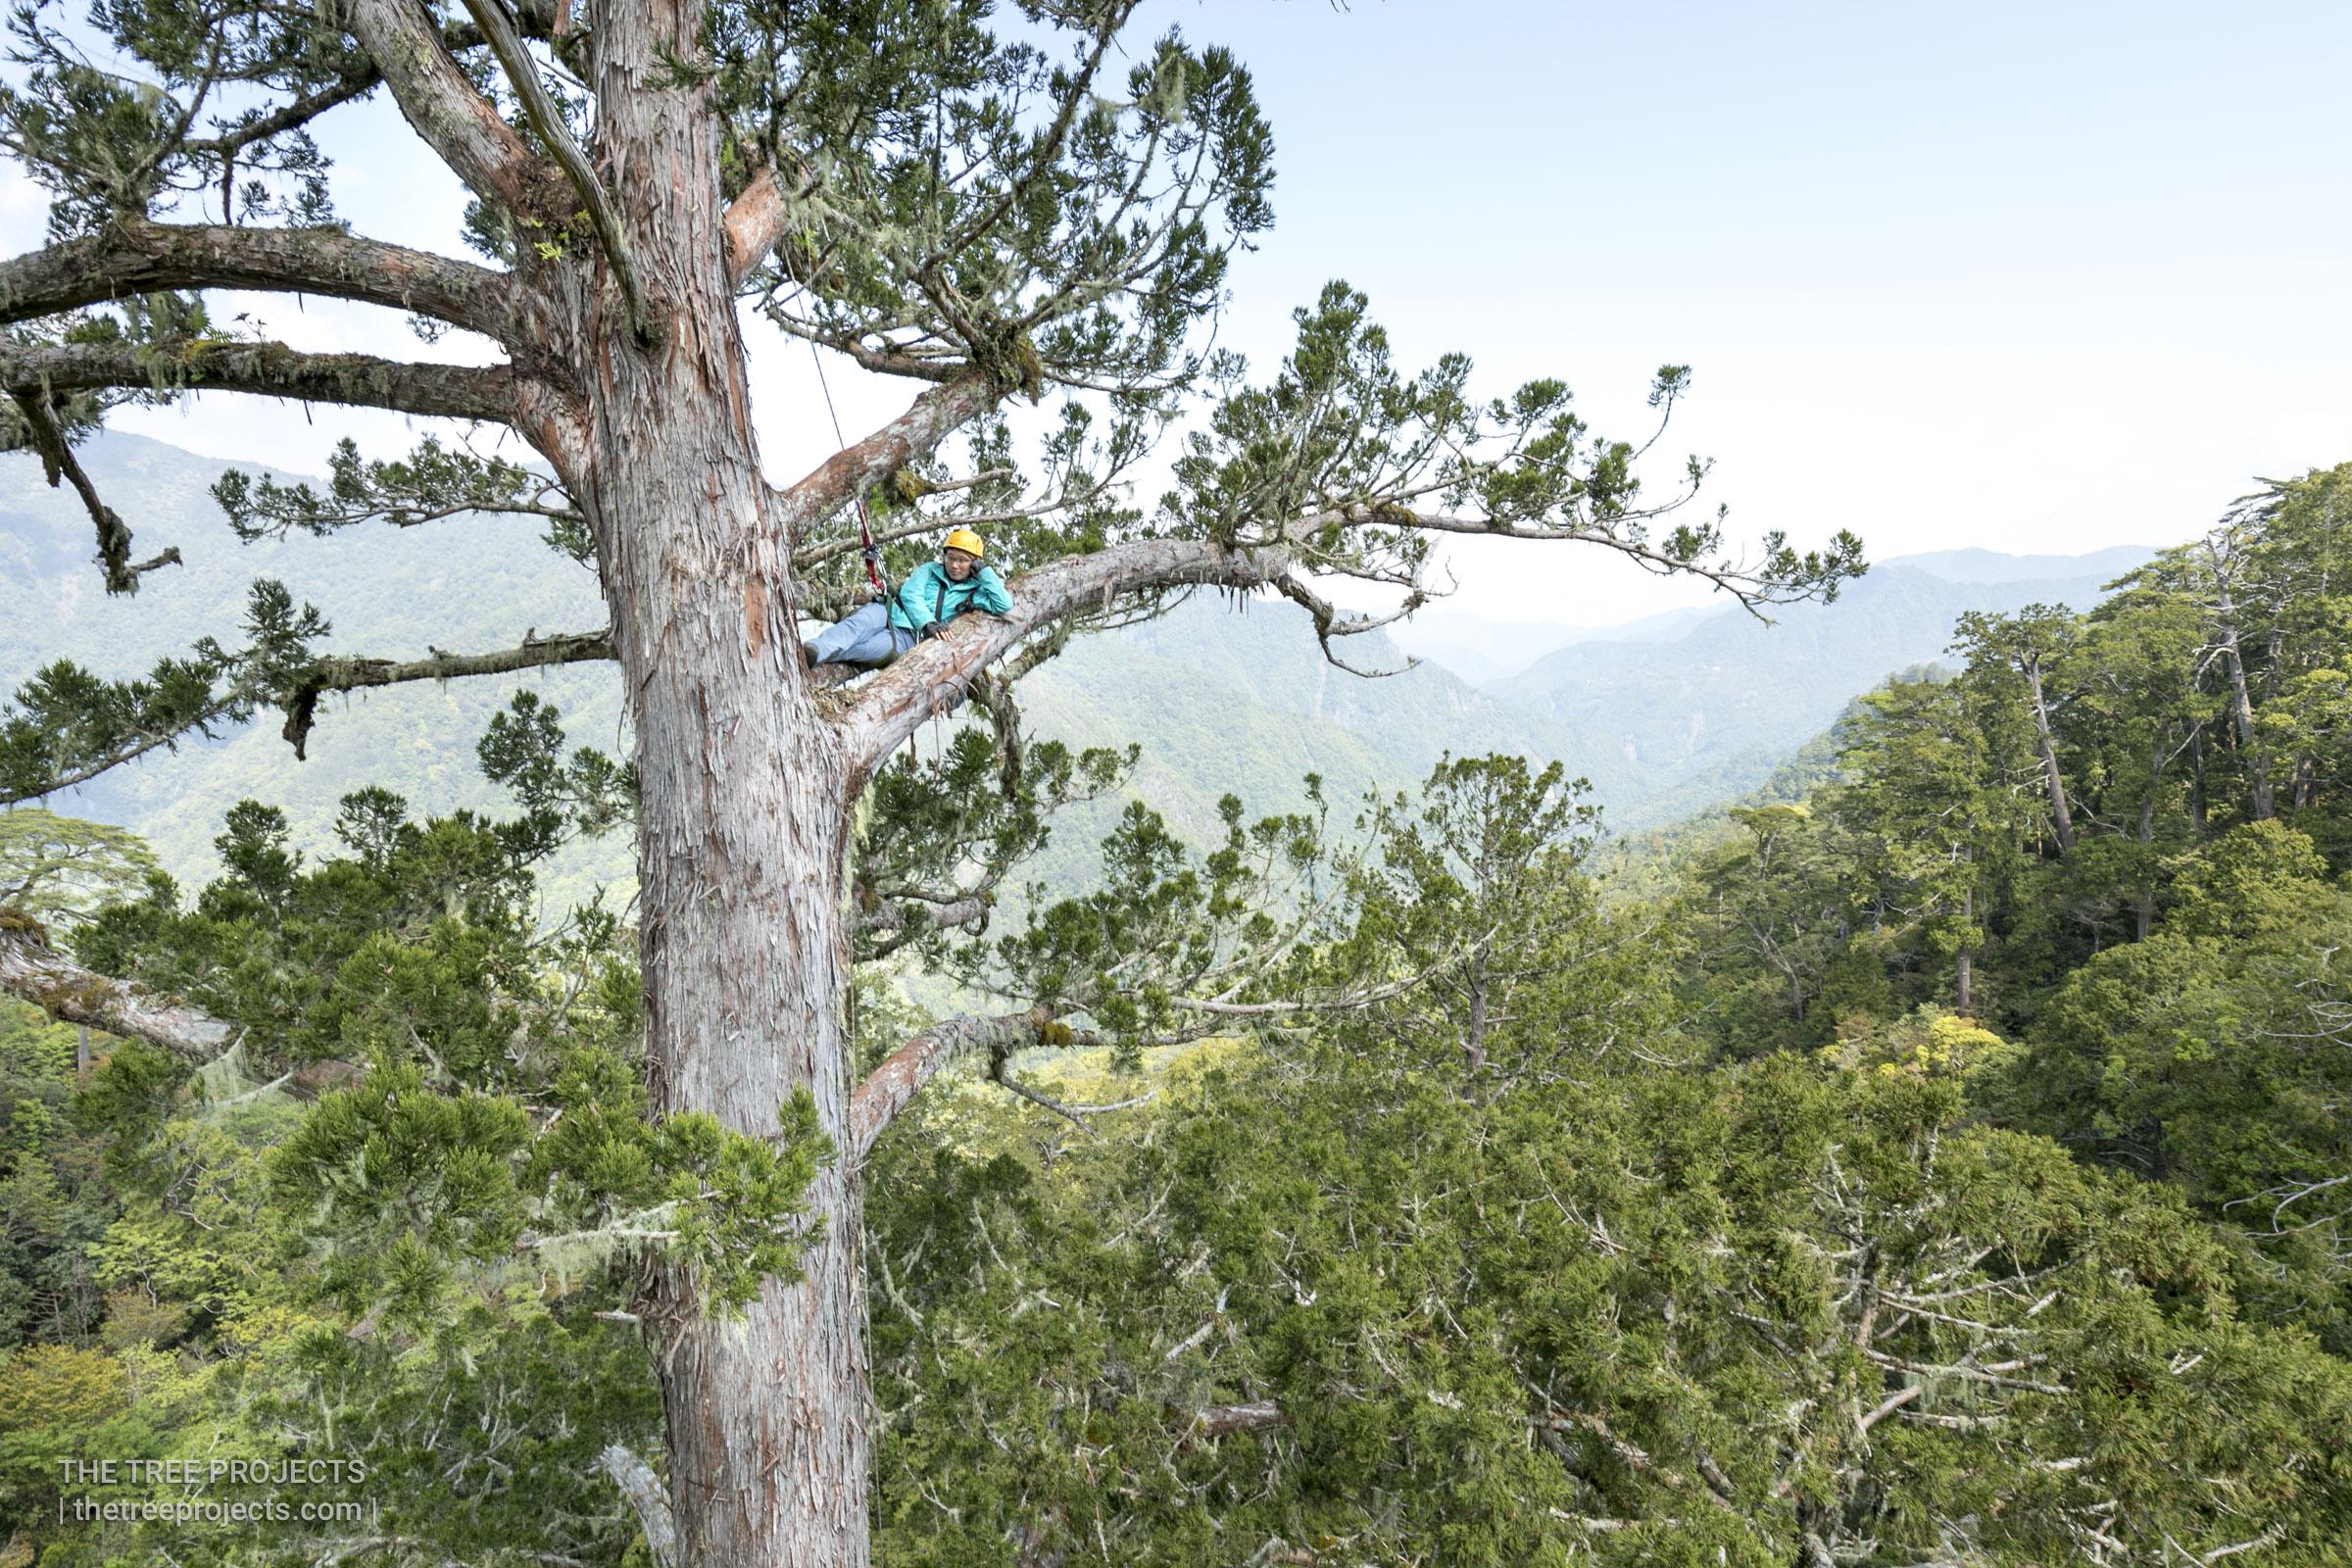 Taiwan-Tree-Project-2017-05-07-_5D40669.jpg